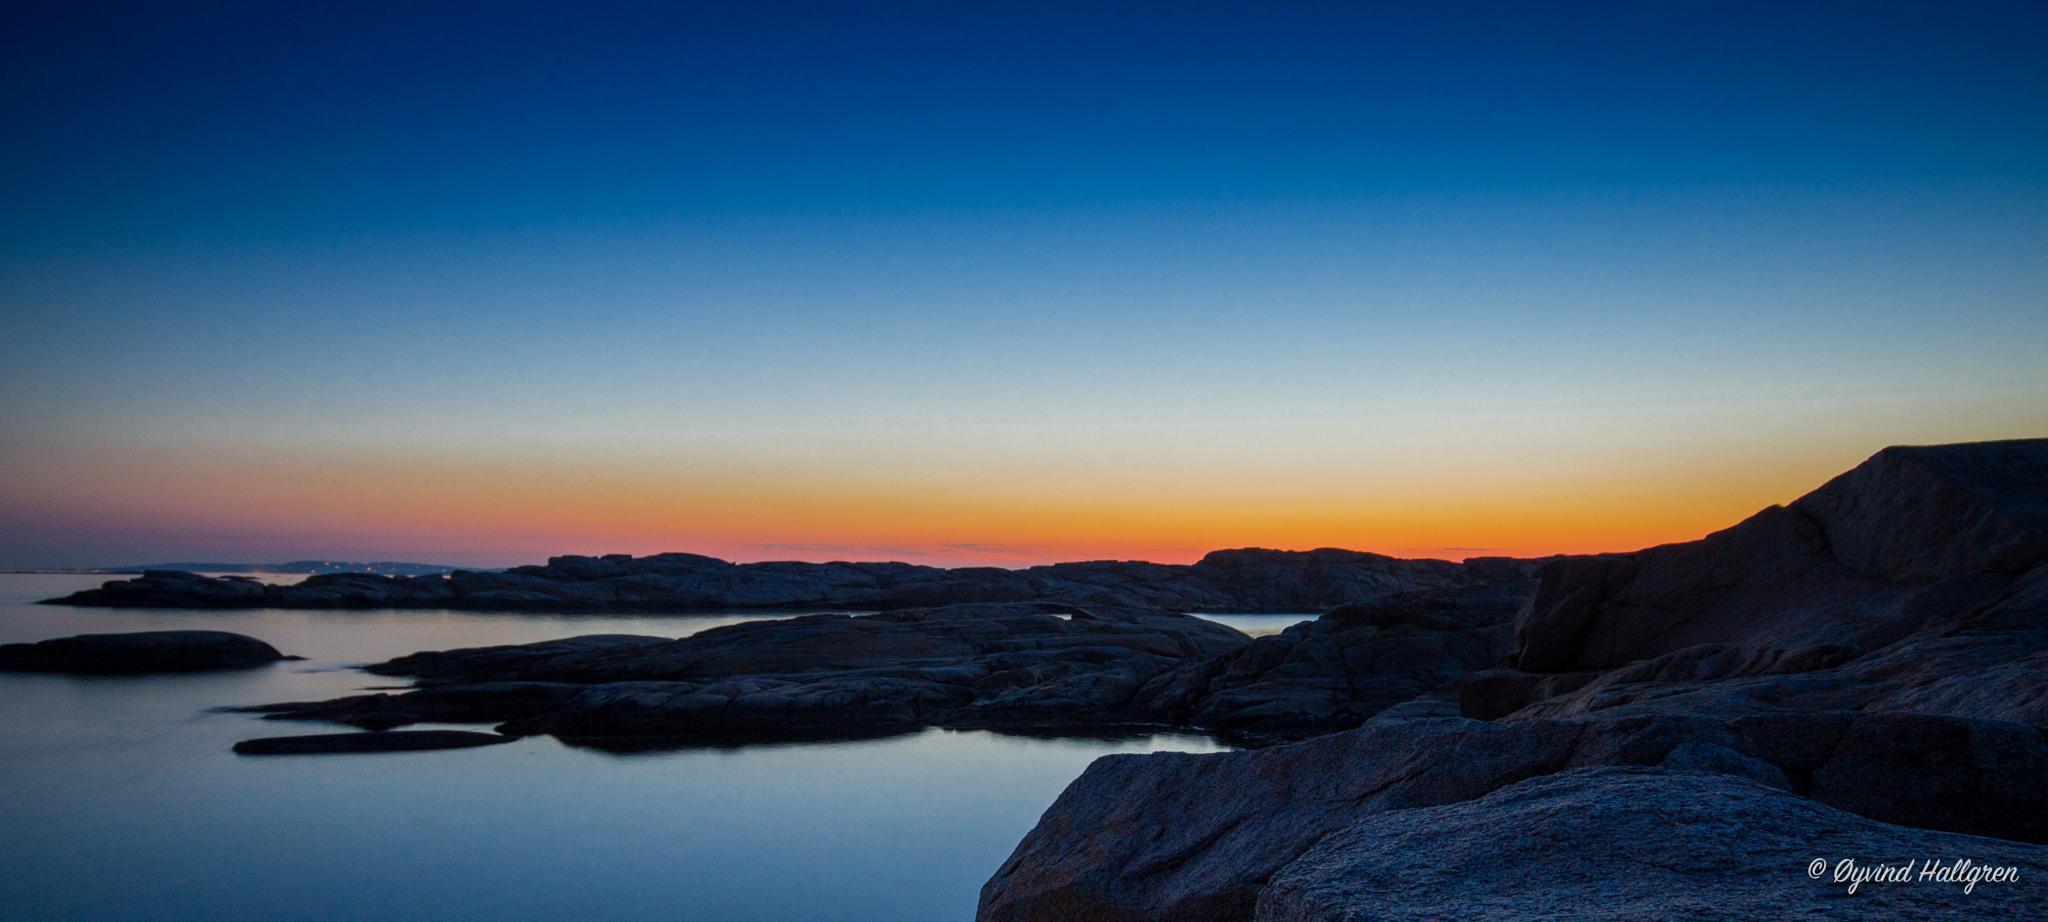 Blue night 2 by Hallgren